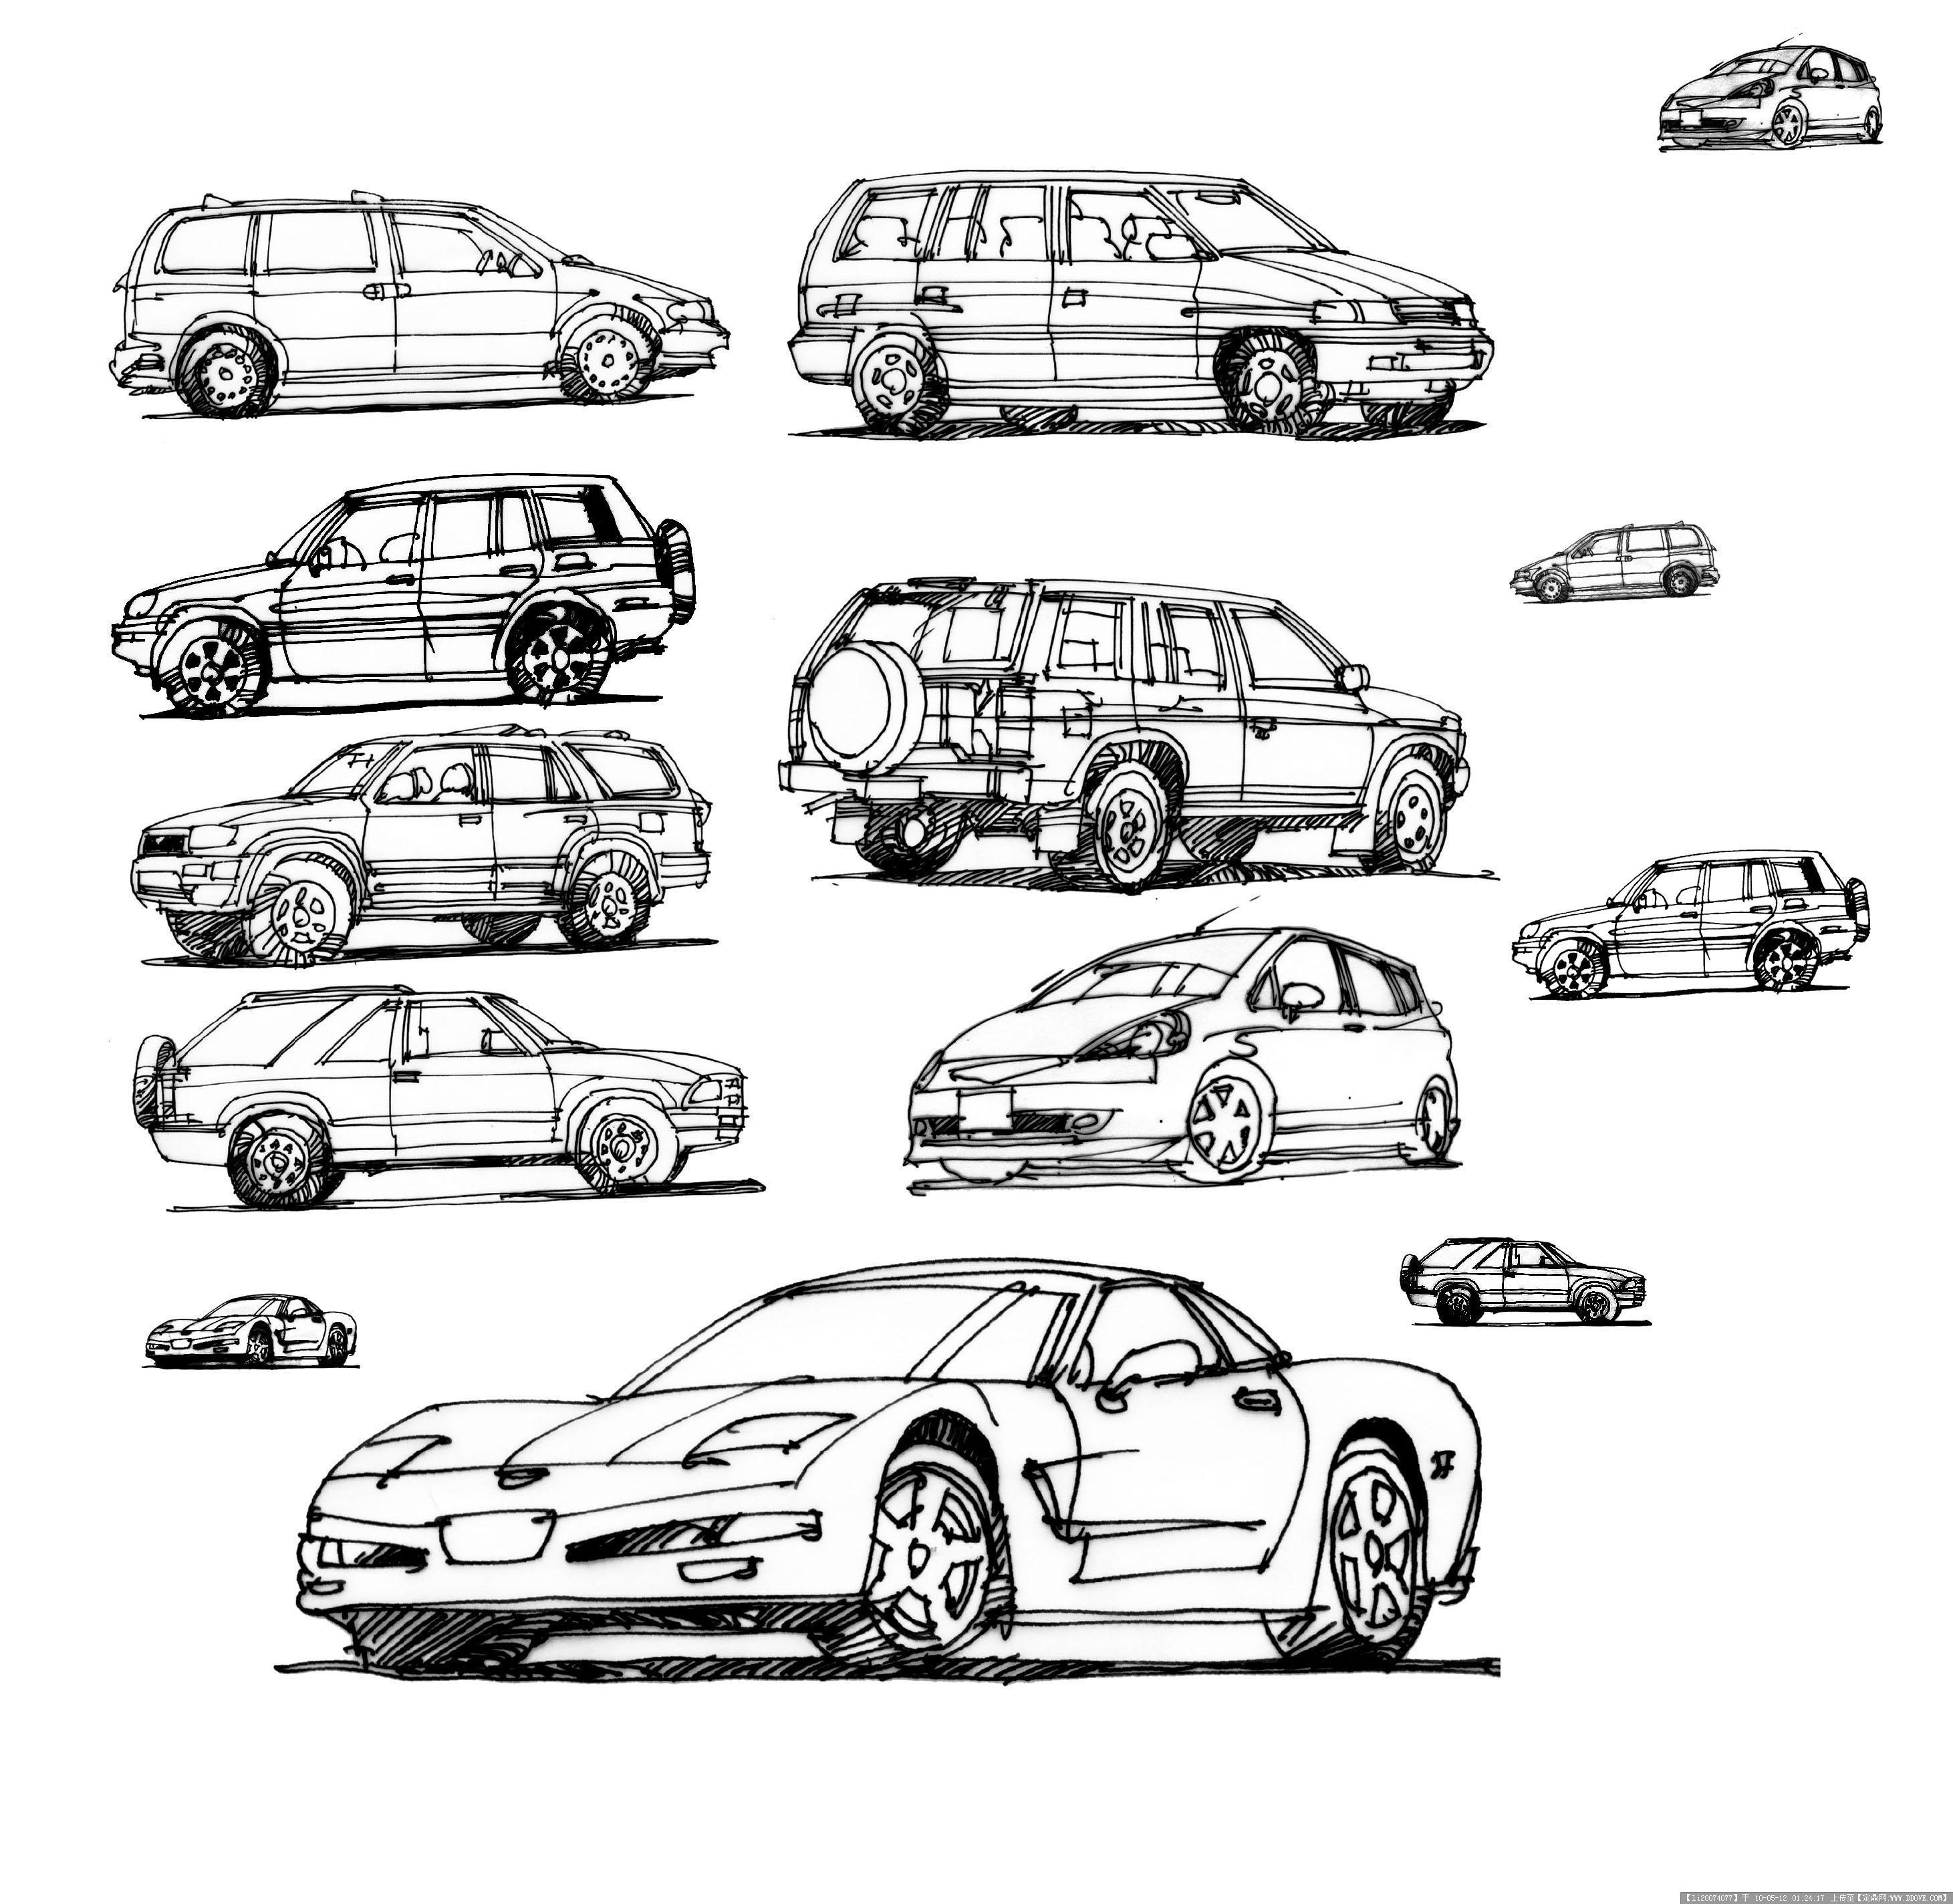 手绘 车模型-0rcar02.jpg 原始尺寸:2922 * 2849